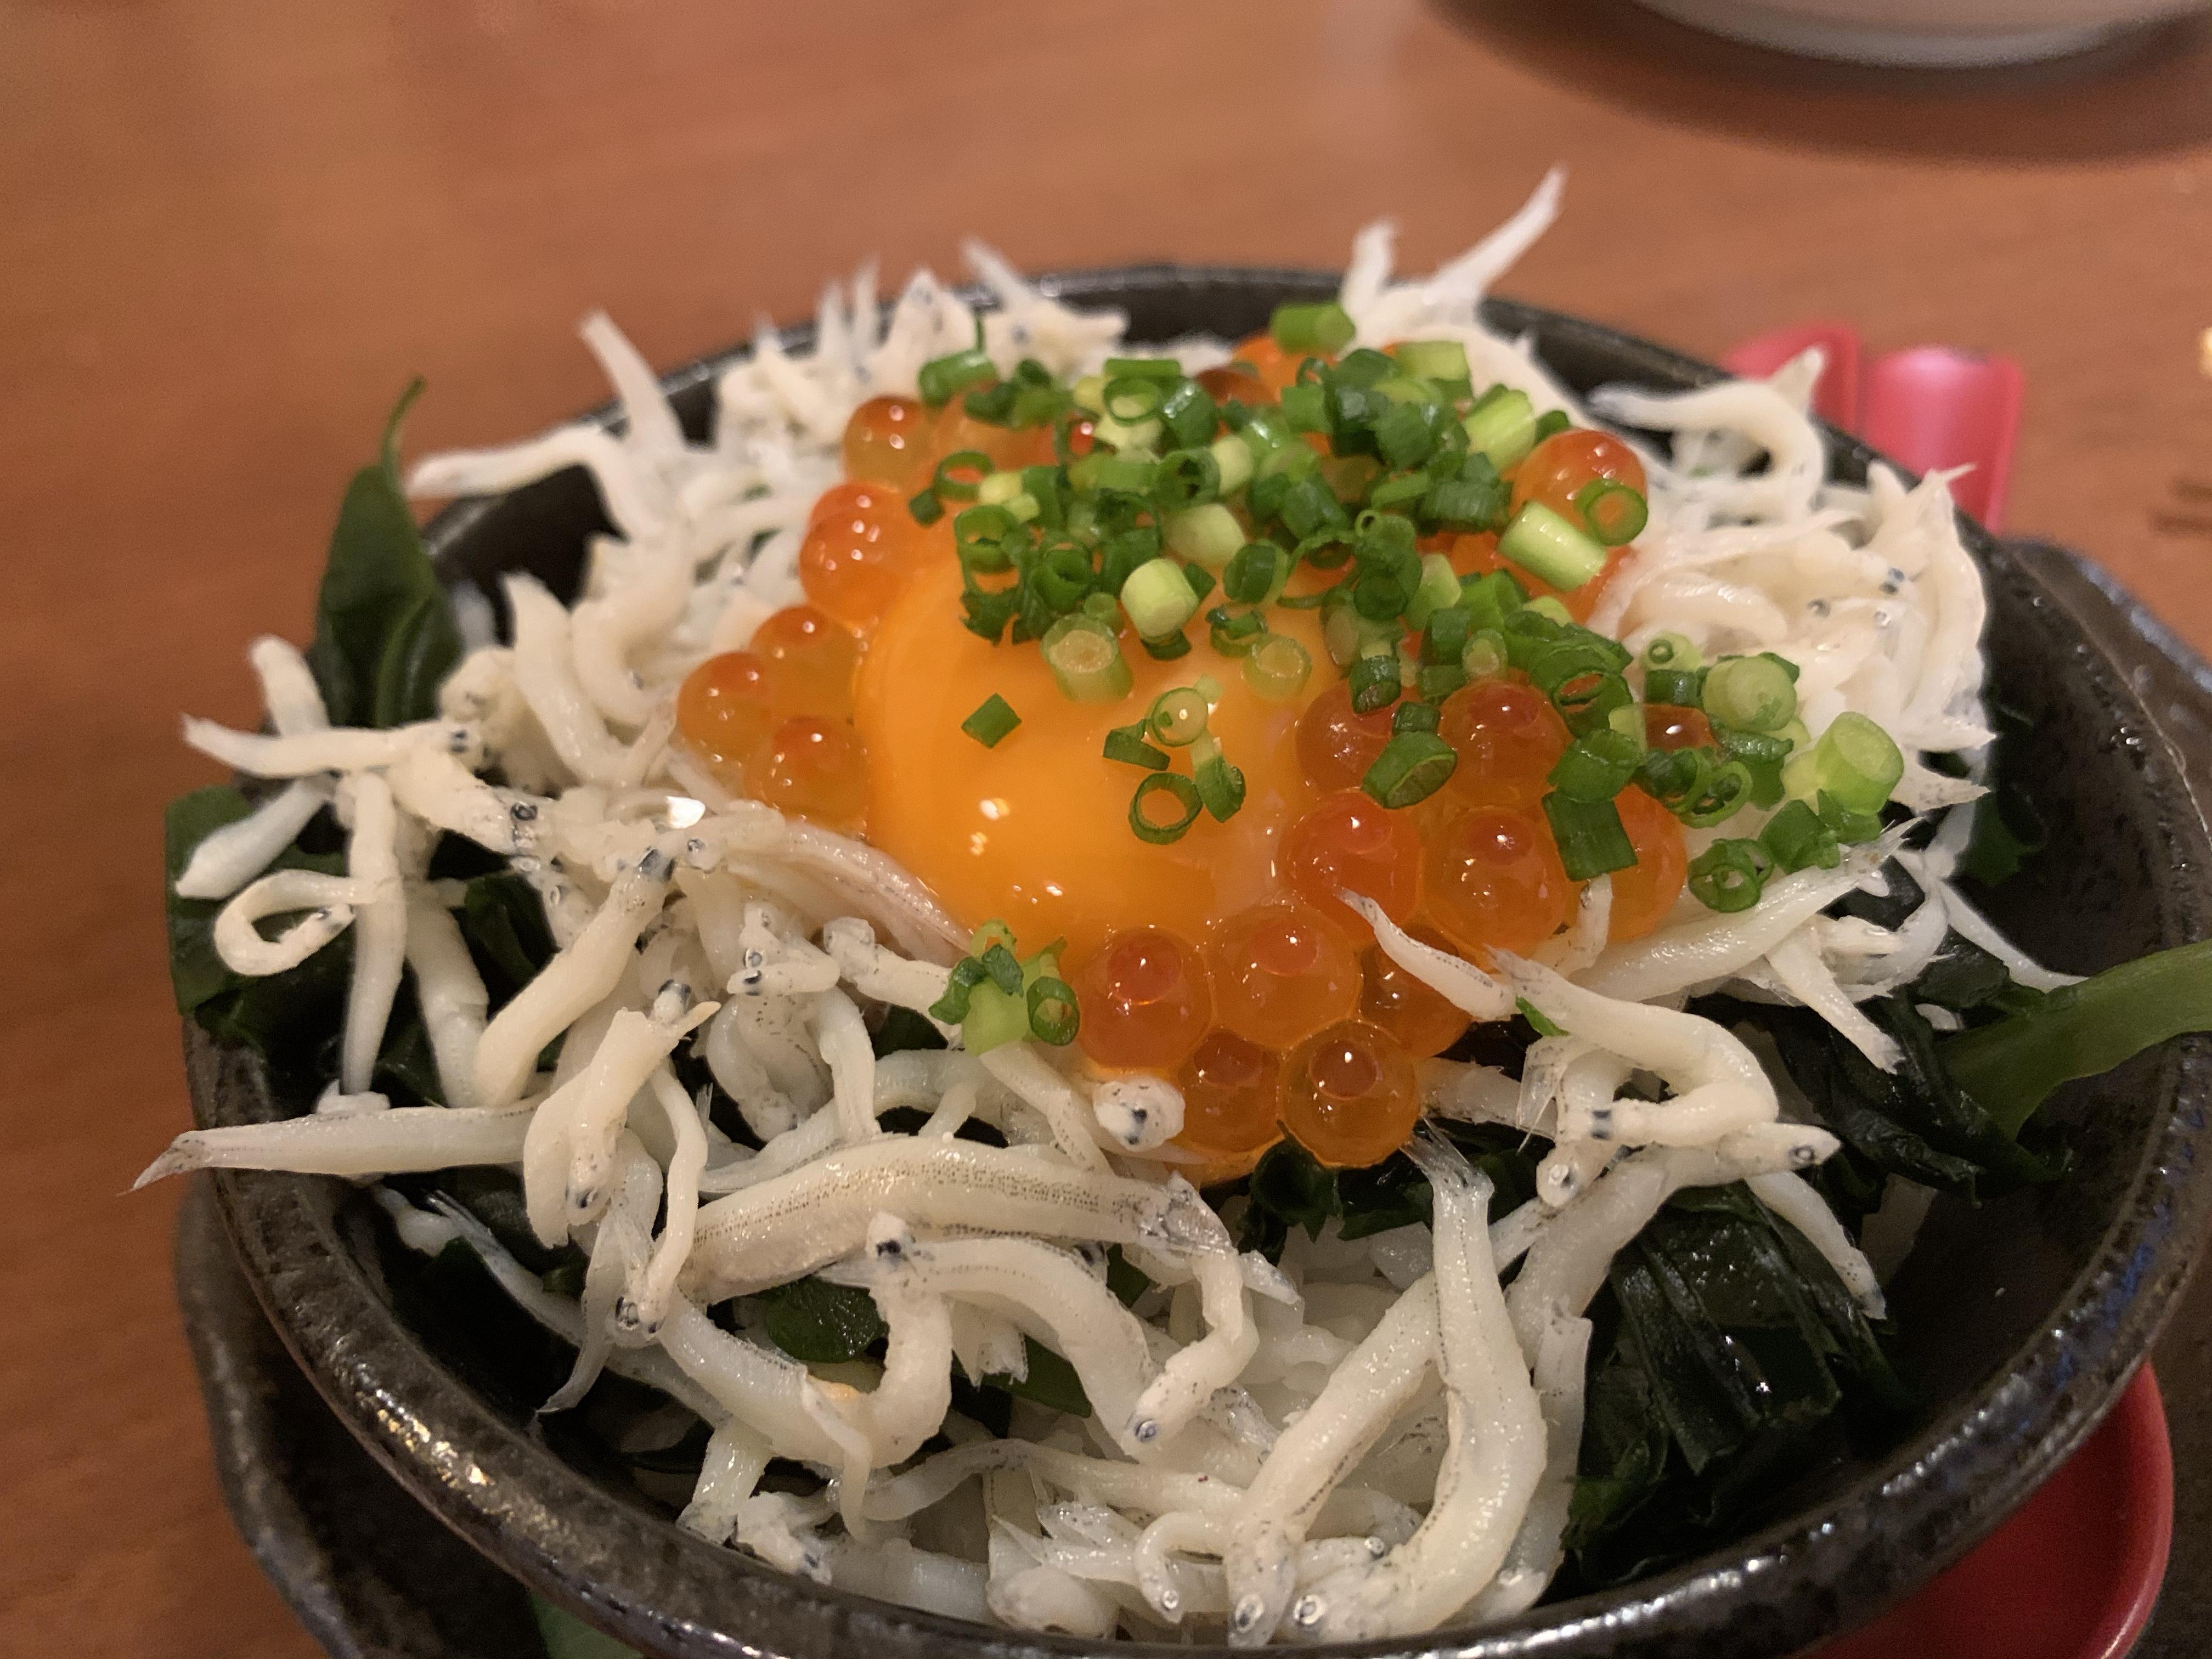 名古屋の飲食店がコロナ自粛明けに向けてやる対策とは?